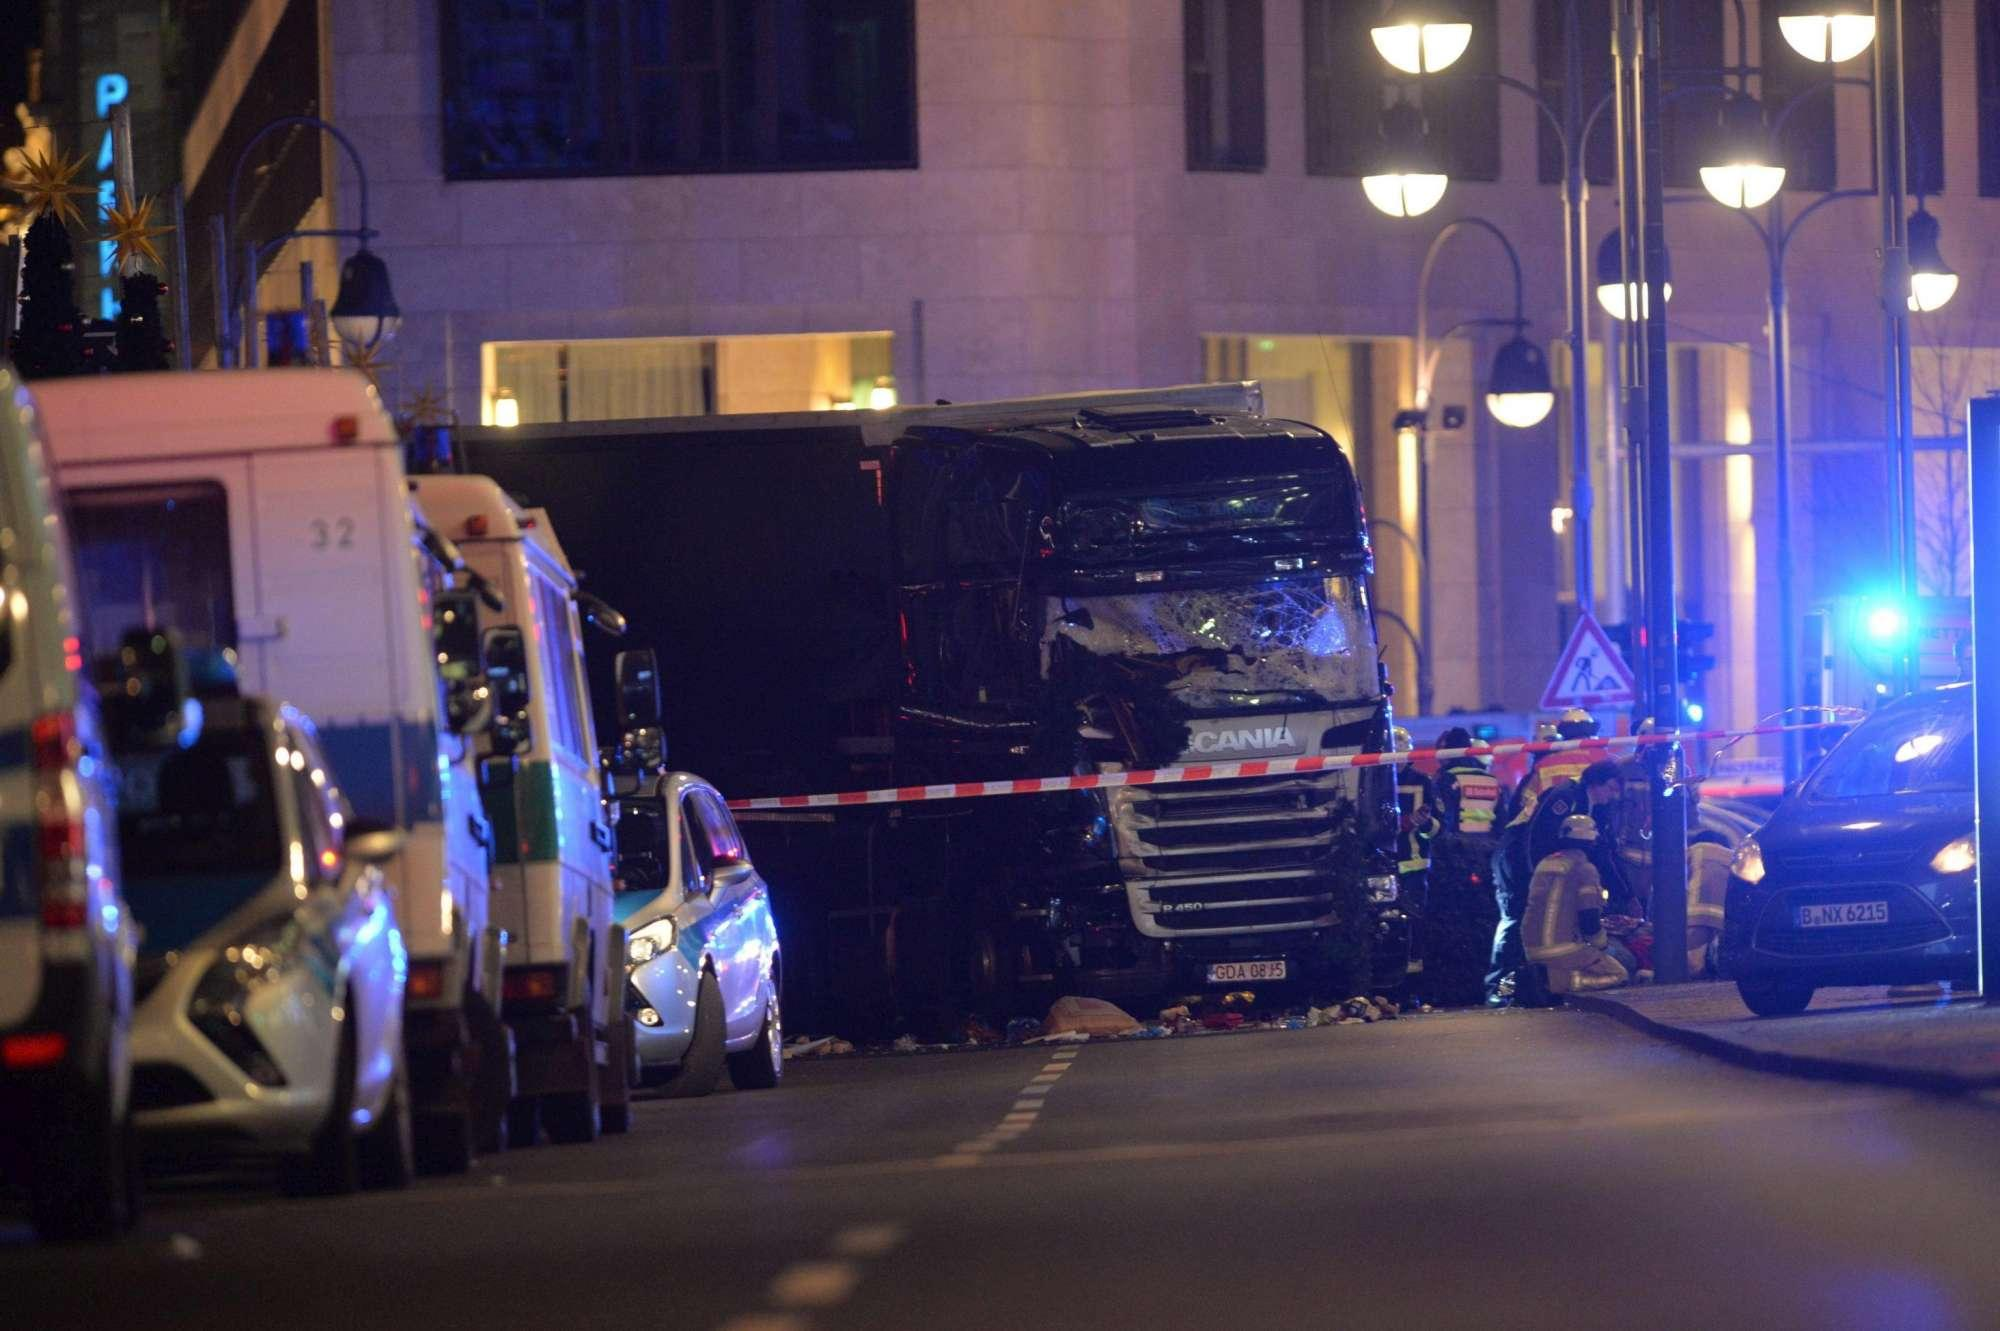 Berlino, l'autista del tir provò a evitare strage: segni di lotta a bordo